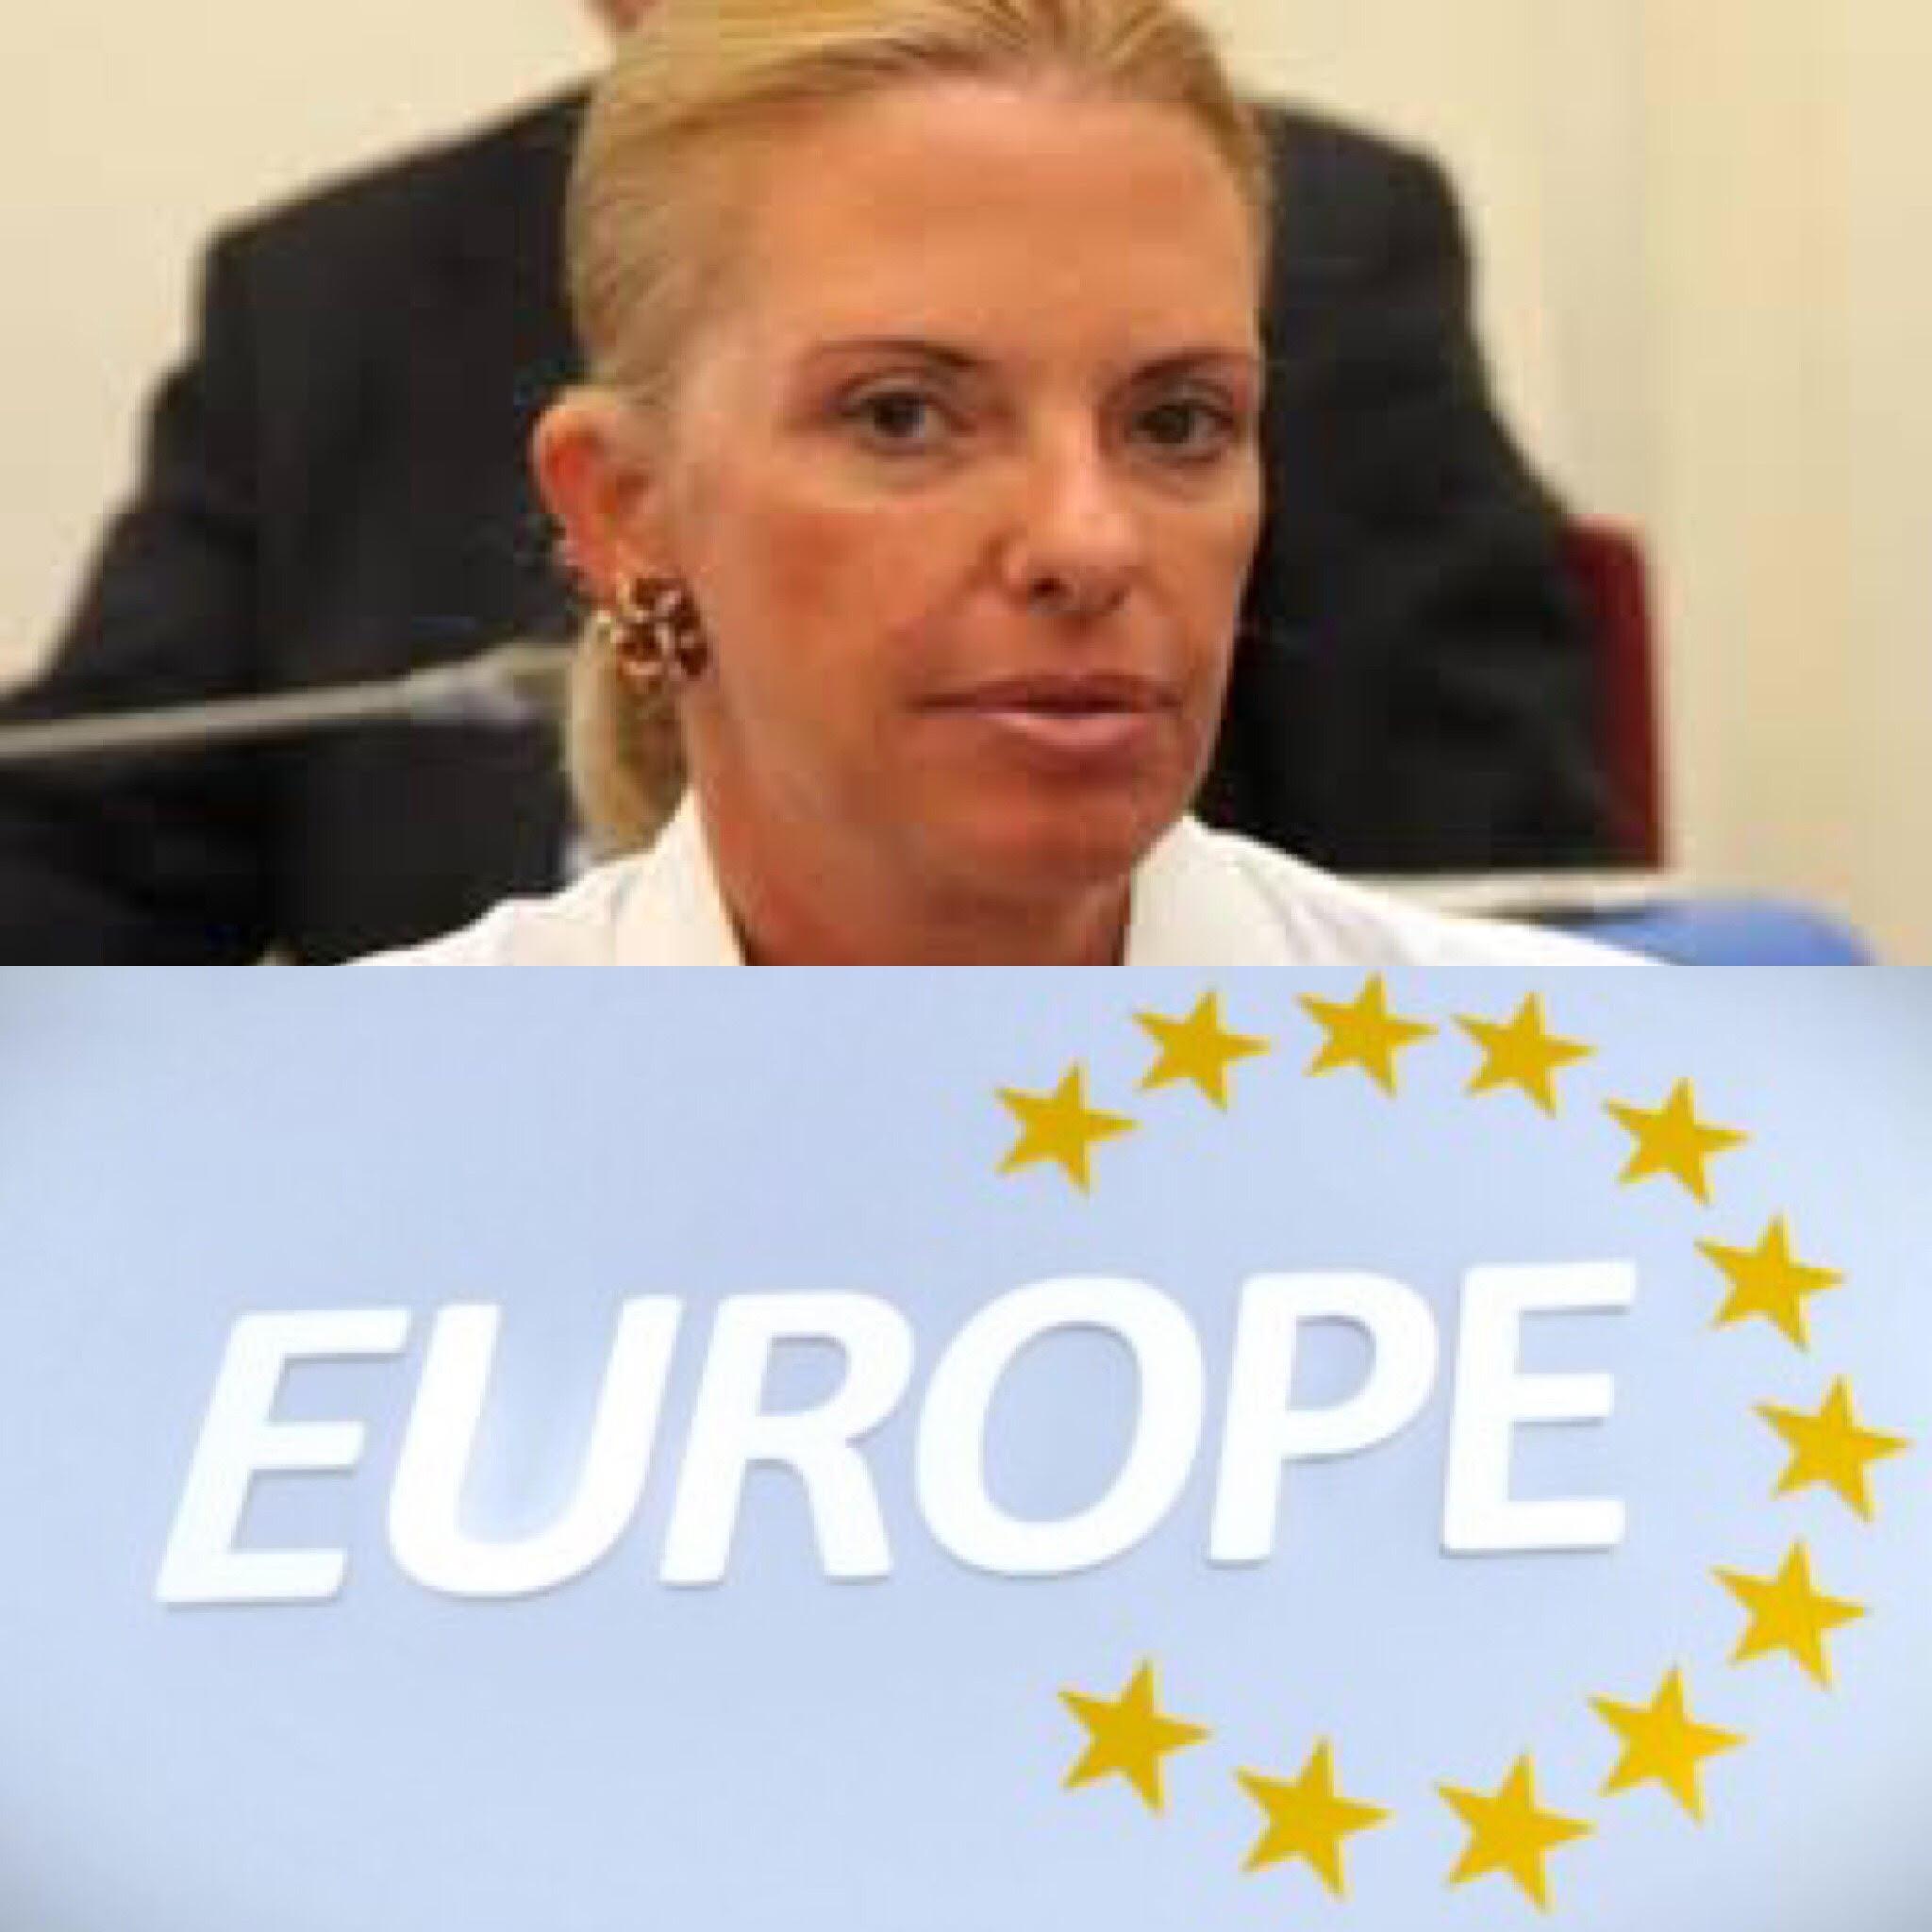 Βόζεμπεργκ_ευρωβουλευτής_Europe_Μπούρα_αποτίμηση_προσφυγική_κρίση_ολομέλεια_ΕΚ_Στρασβούργο